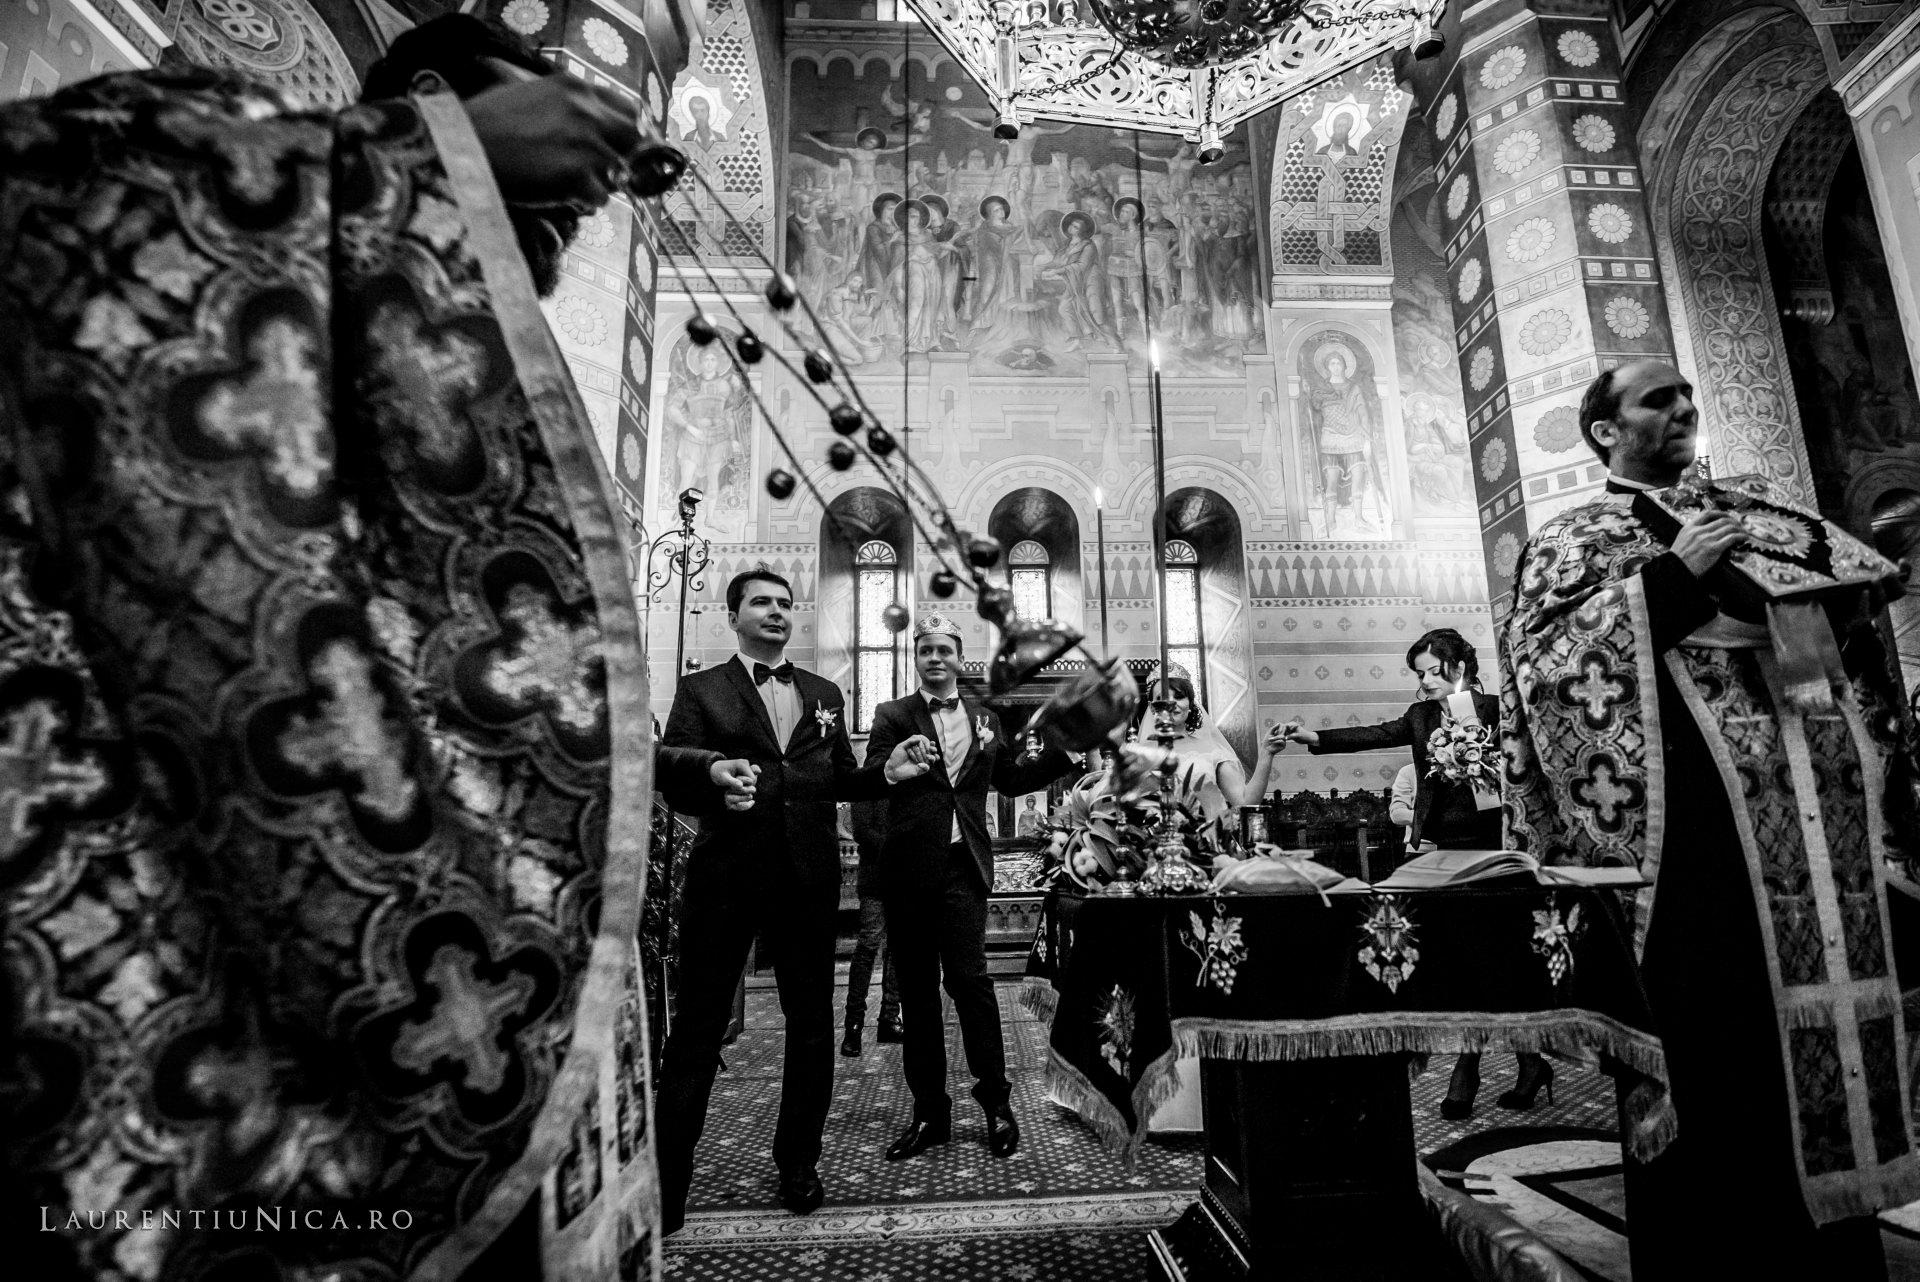 daniela si marius fotografii nunta craiova laurentiu nica25 - Daniela & Marius | Fotografii nunta